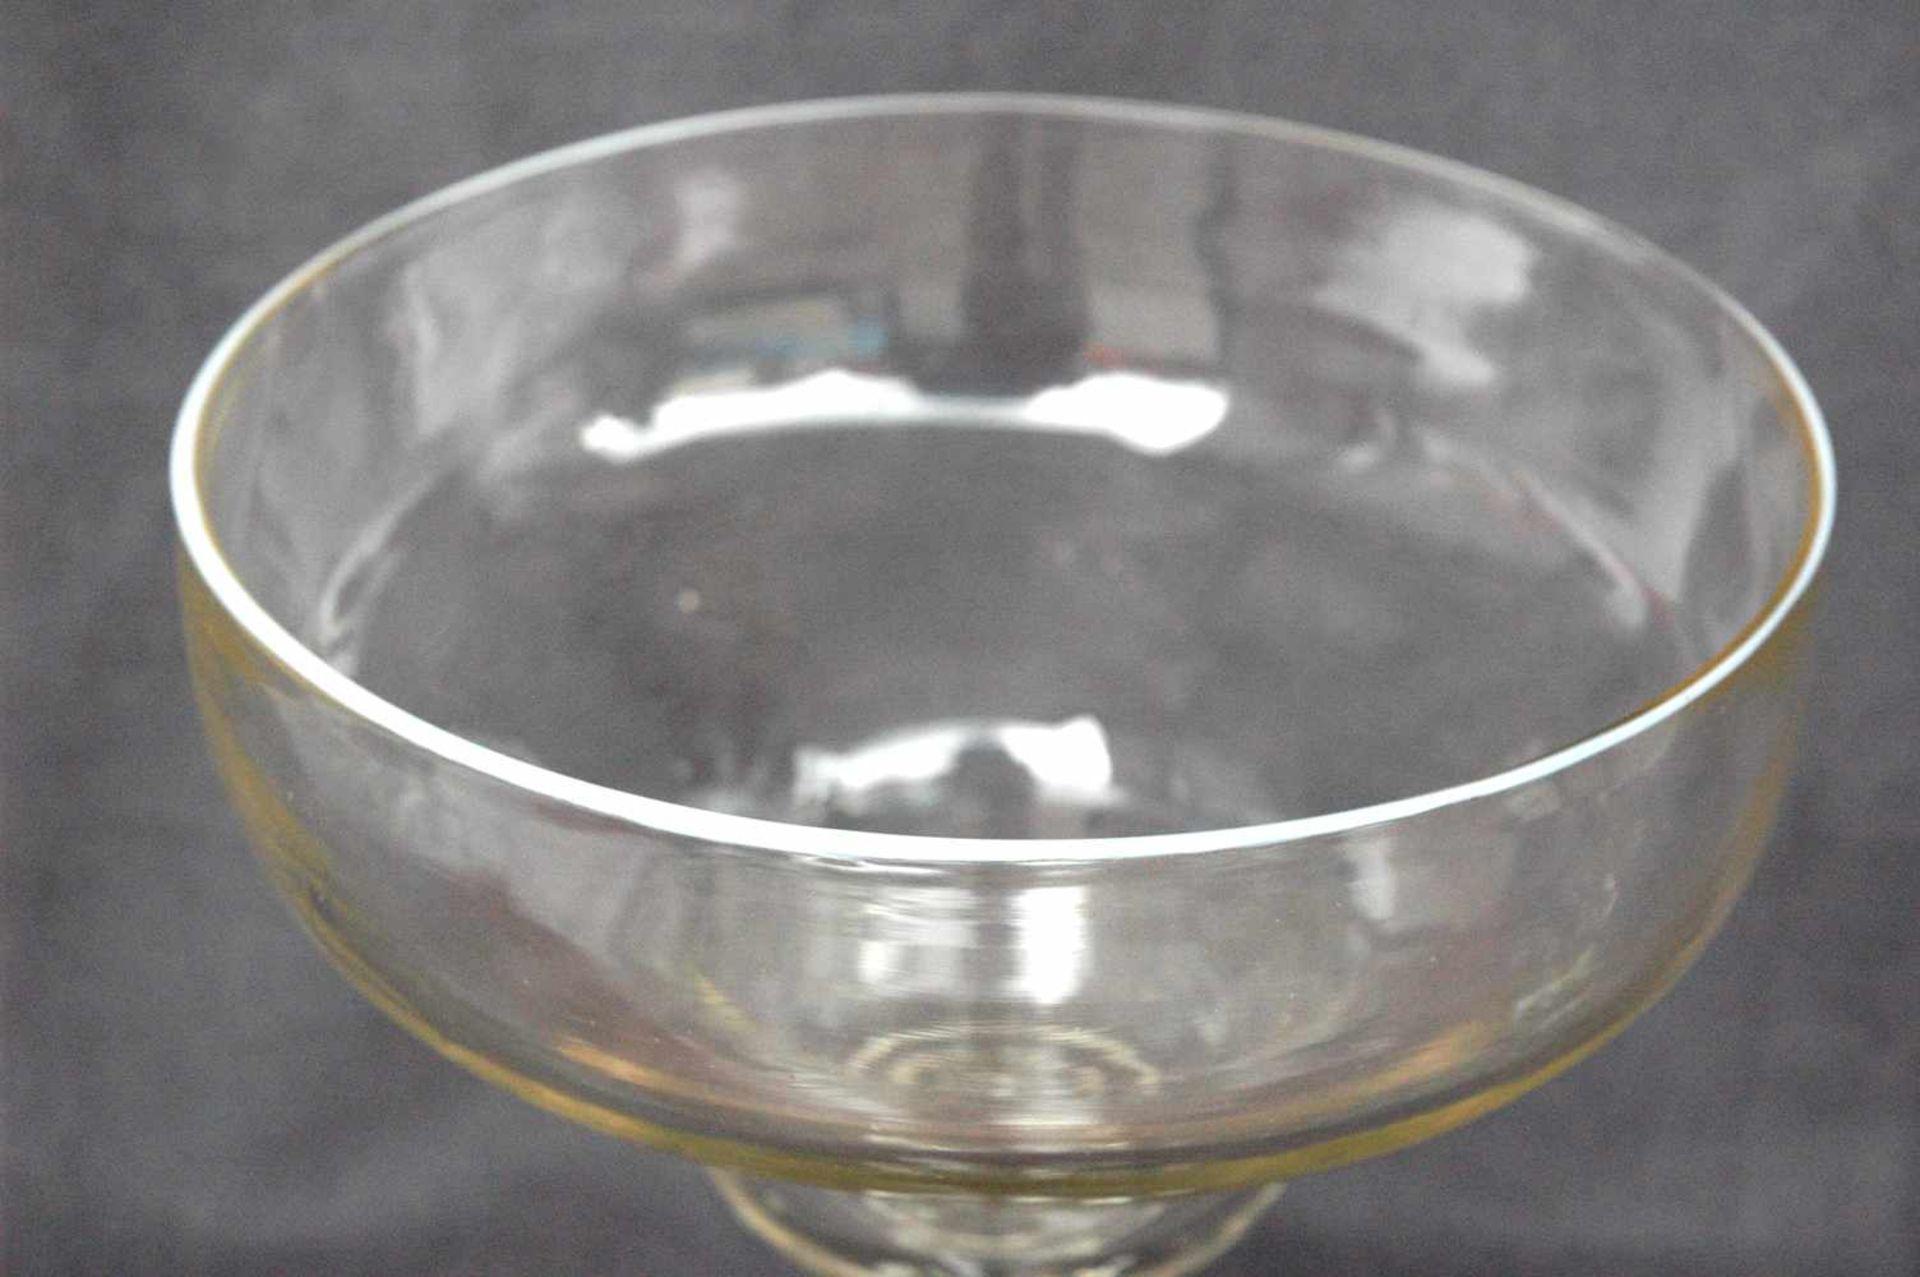 Biedermeier-Glas: Fußschale mit weißem Emaille-Rand,h= 23,5 cm, Dm. Kelch= 18,5 cm - Bild 2 aus 4